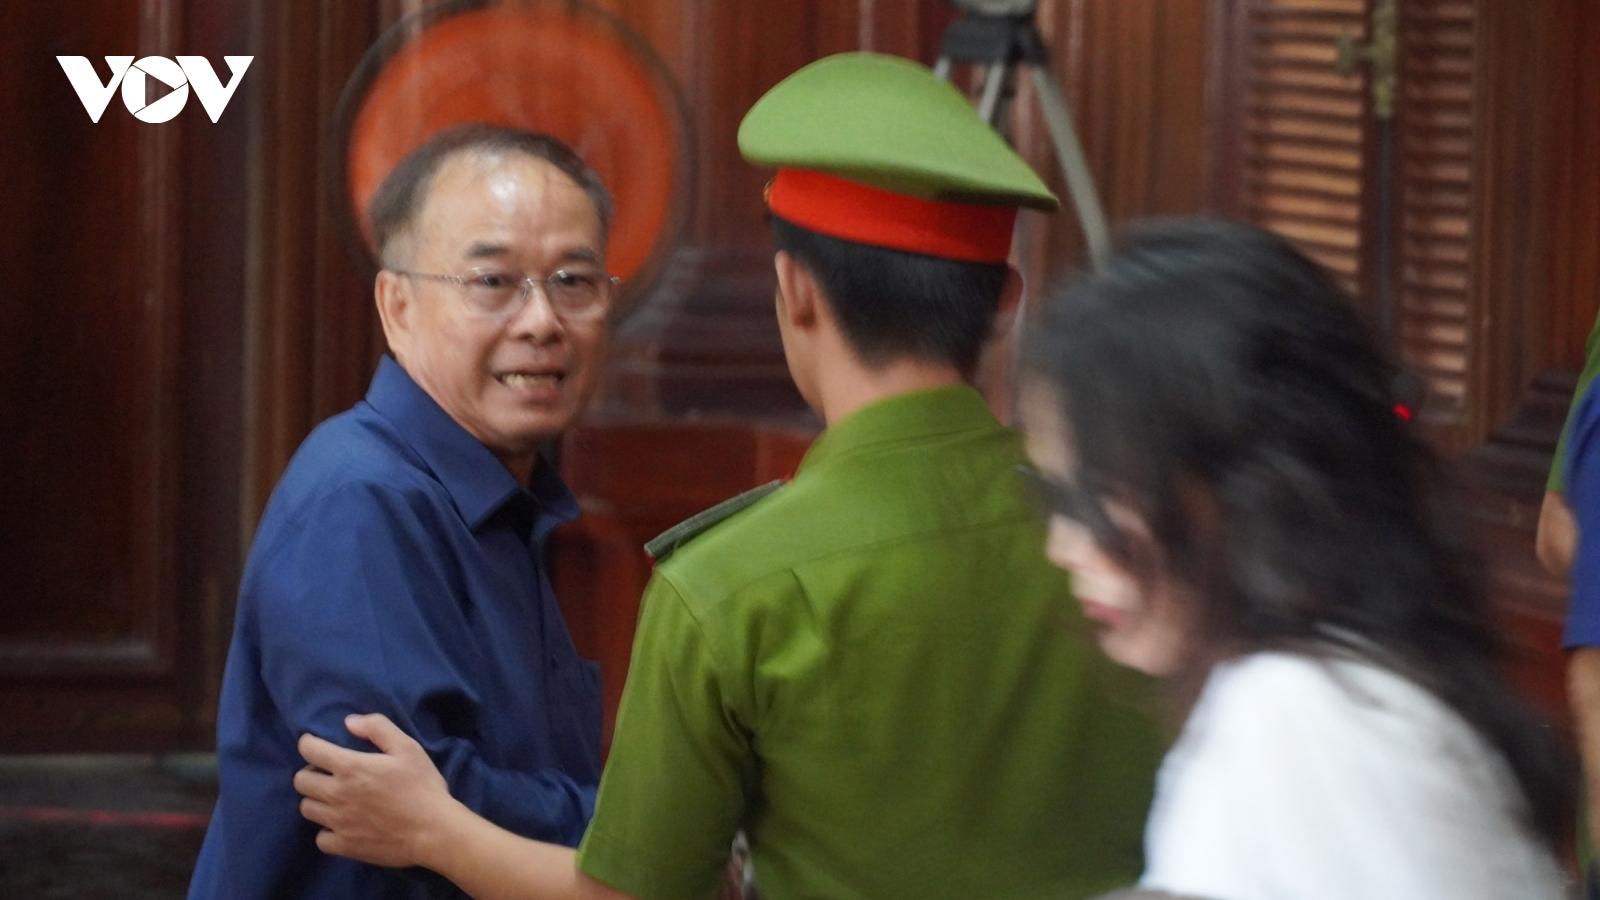 Bị cáo Nguyễn Thành Tài: Nhiều việc nên dễ sai sót